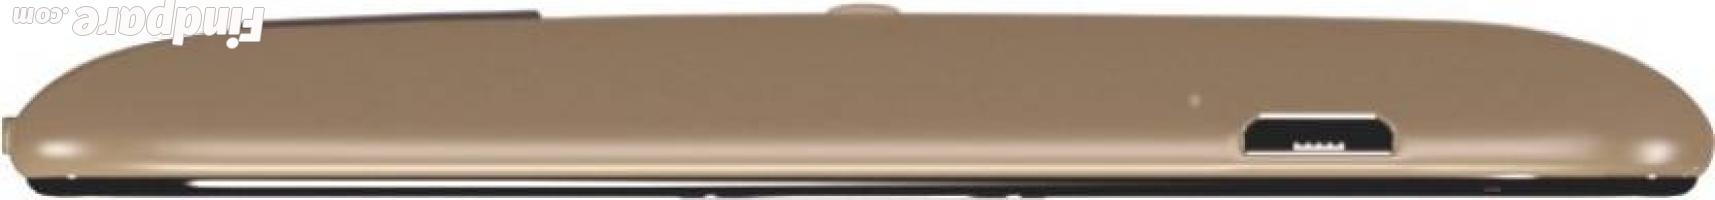 Panasonic Eluga Ray smartphone photo 5